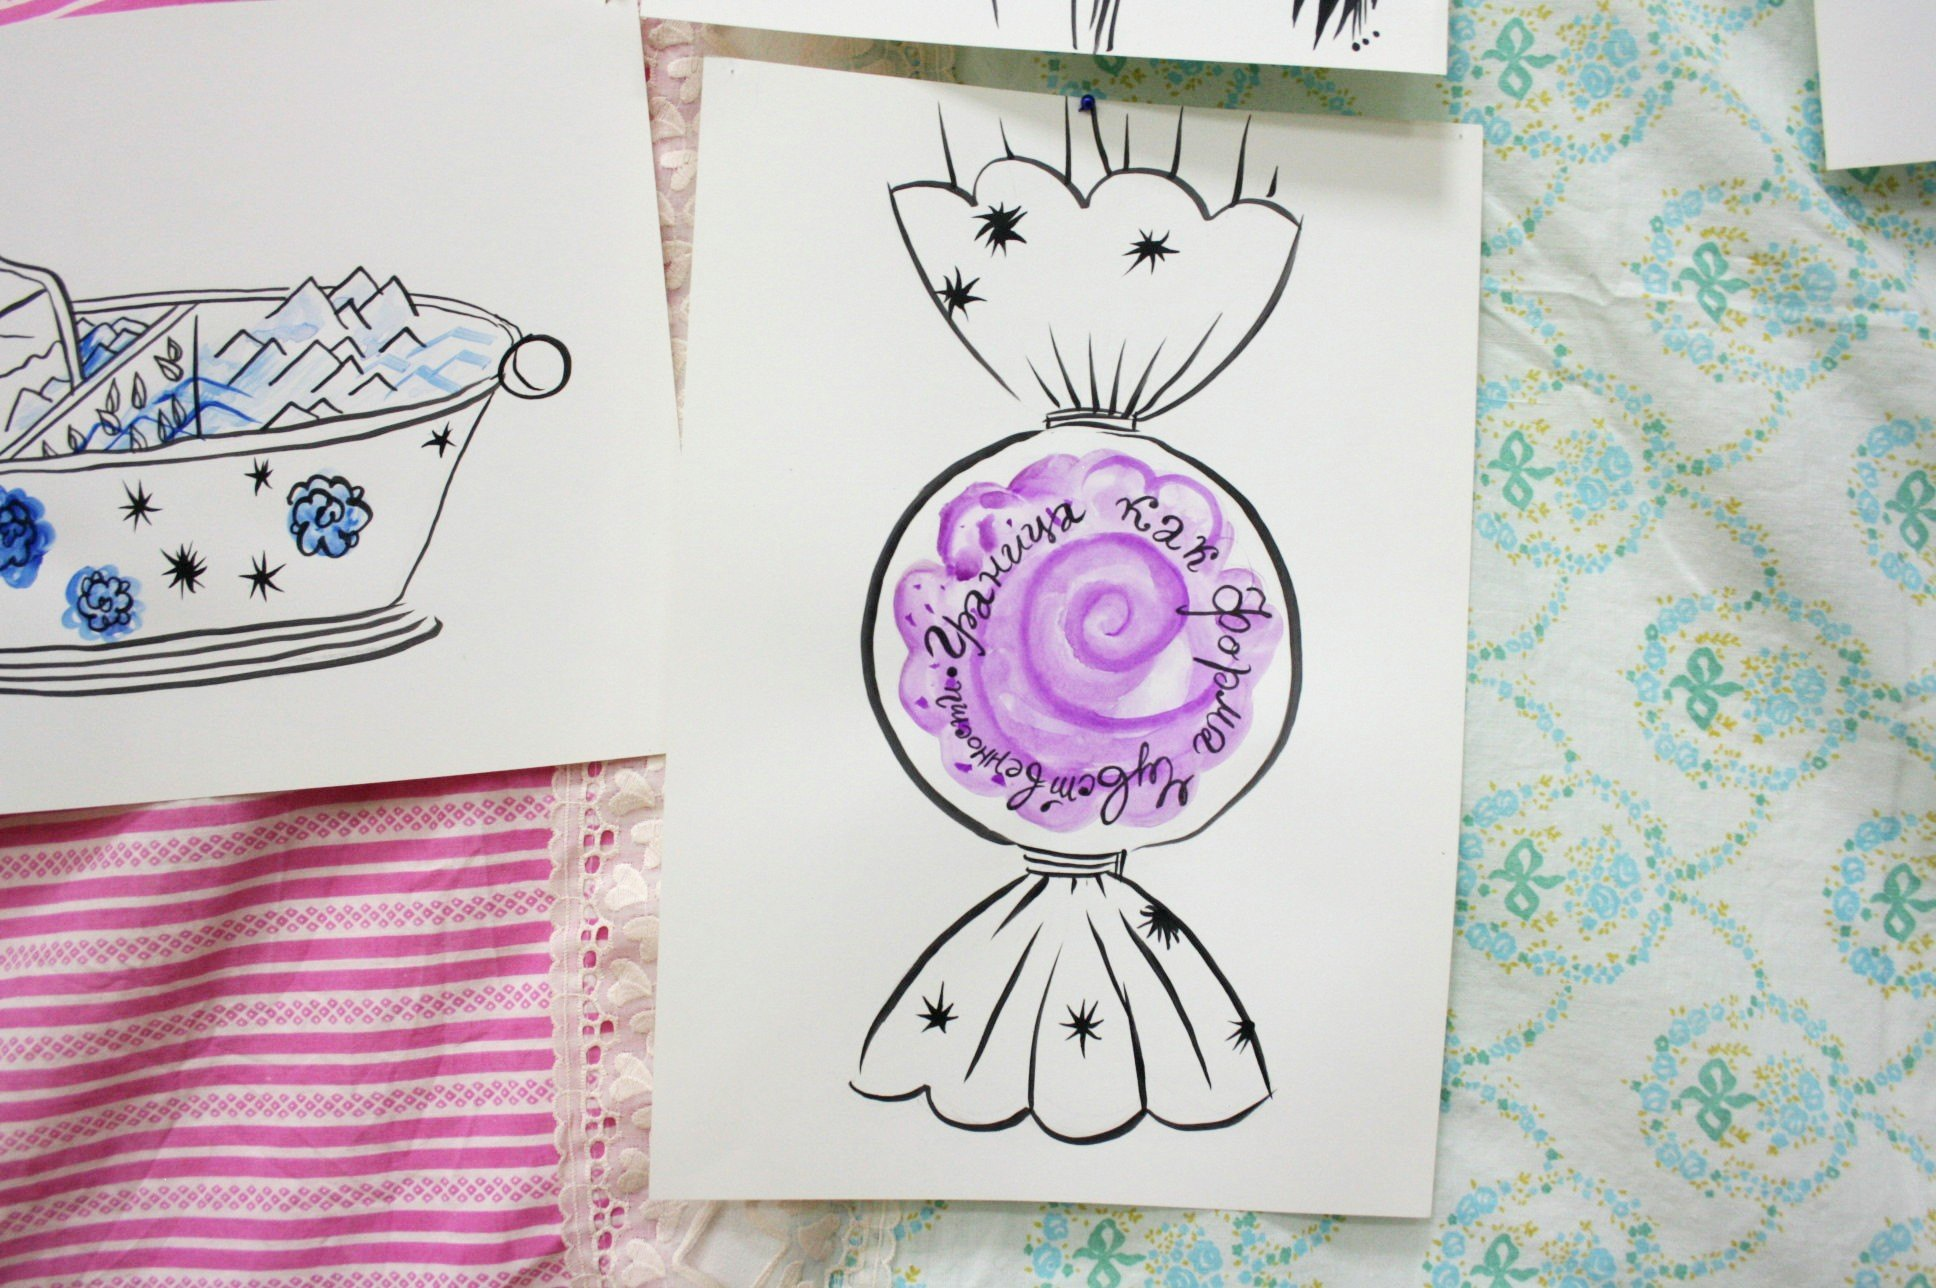 «Добро Пожаловать В Кукольный Дом!», 2019. Проект Сервизного сплетения двух сервизов для мороженого. Ваза-конфета для цве